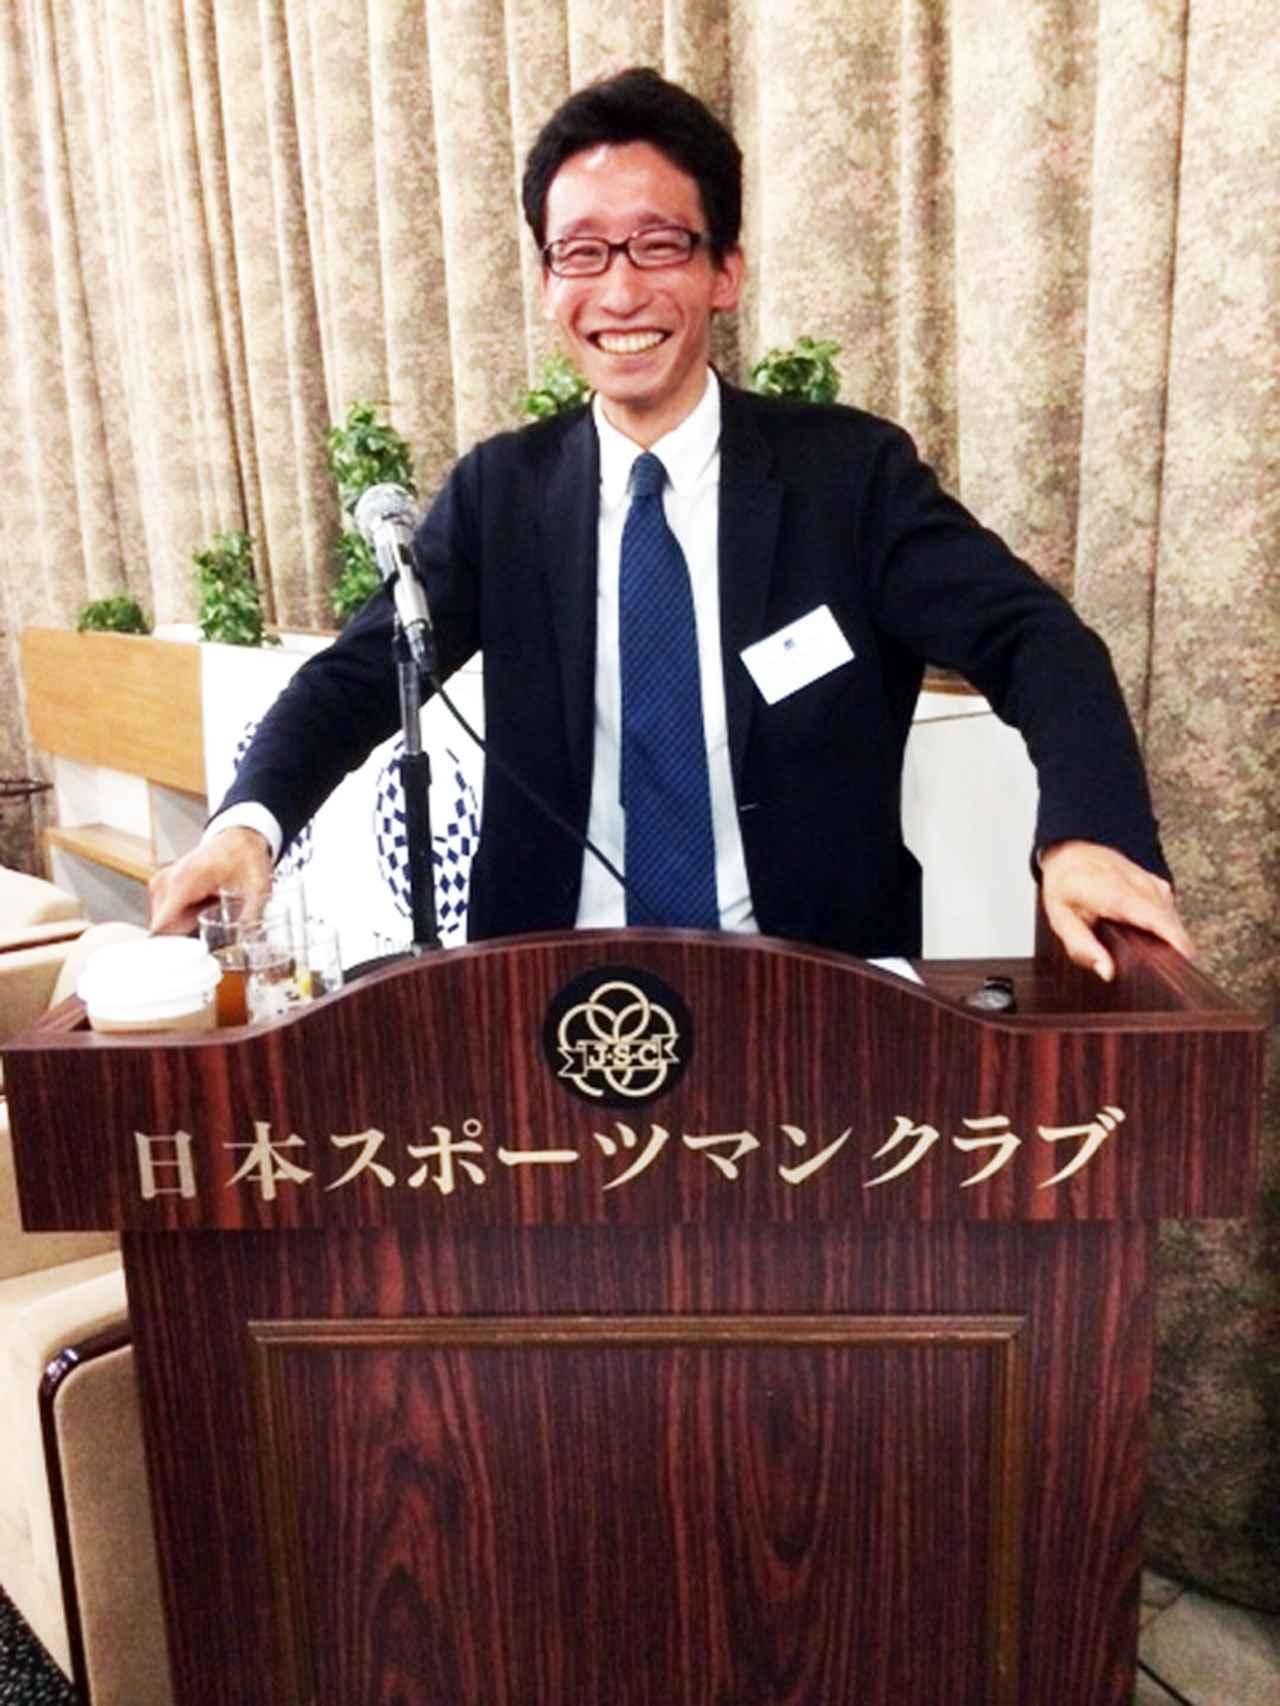 画像: アフロ所属の写真家・中西祐介さんが司会進行。